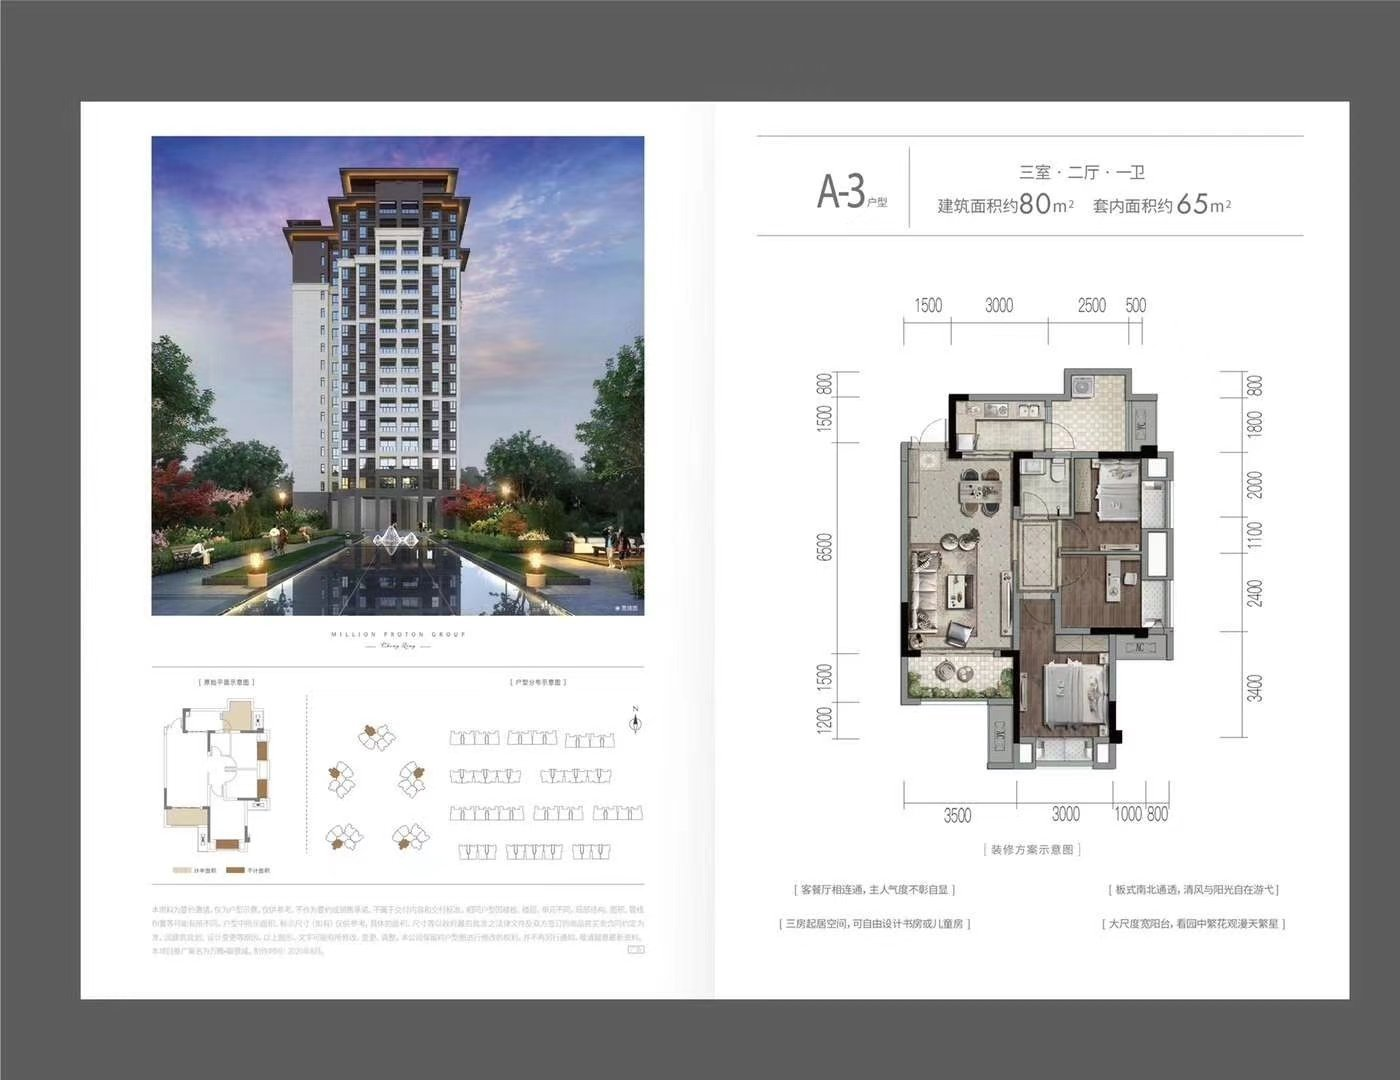 九龙坡区高新区万腾御景城新房B5户型图